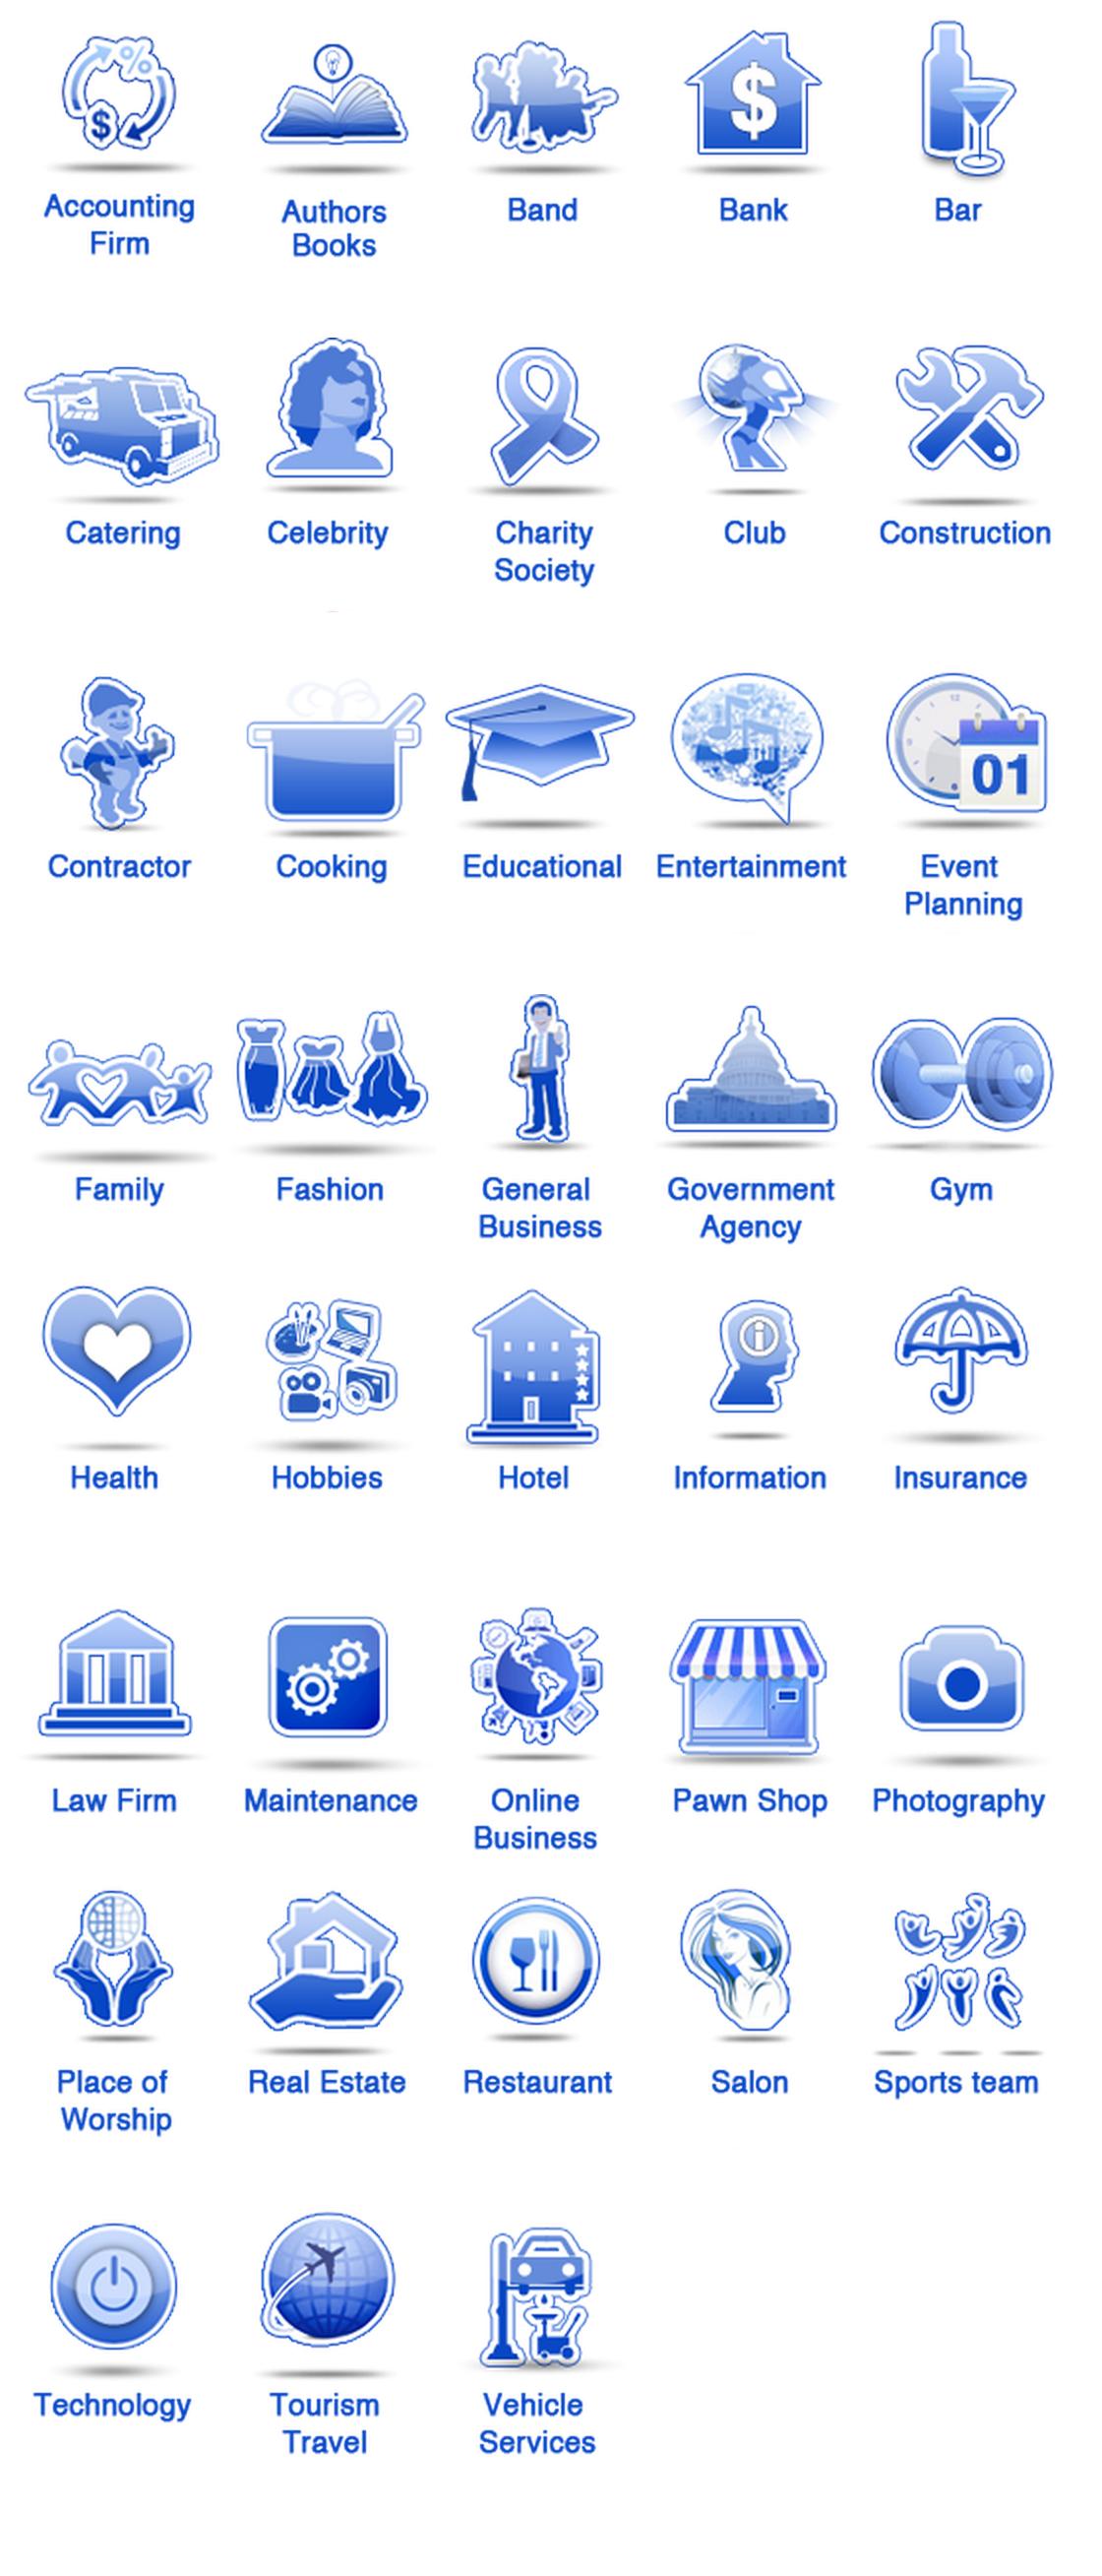 Appsbar: удивительно, что нет иконки Public Toilet :)